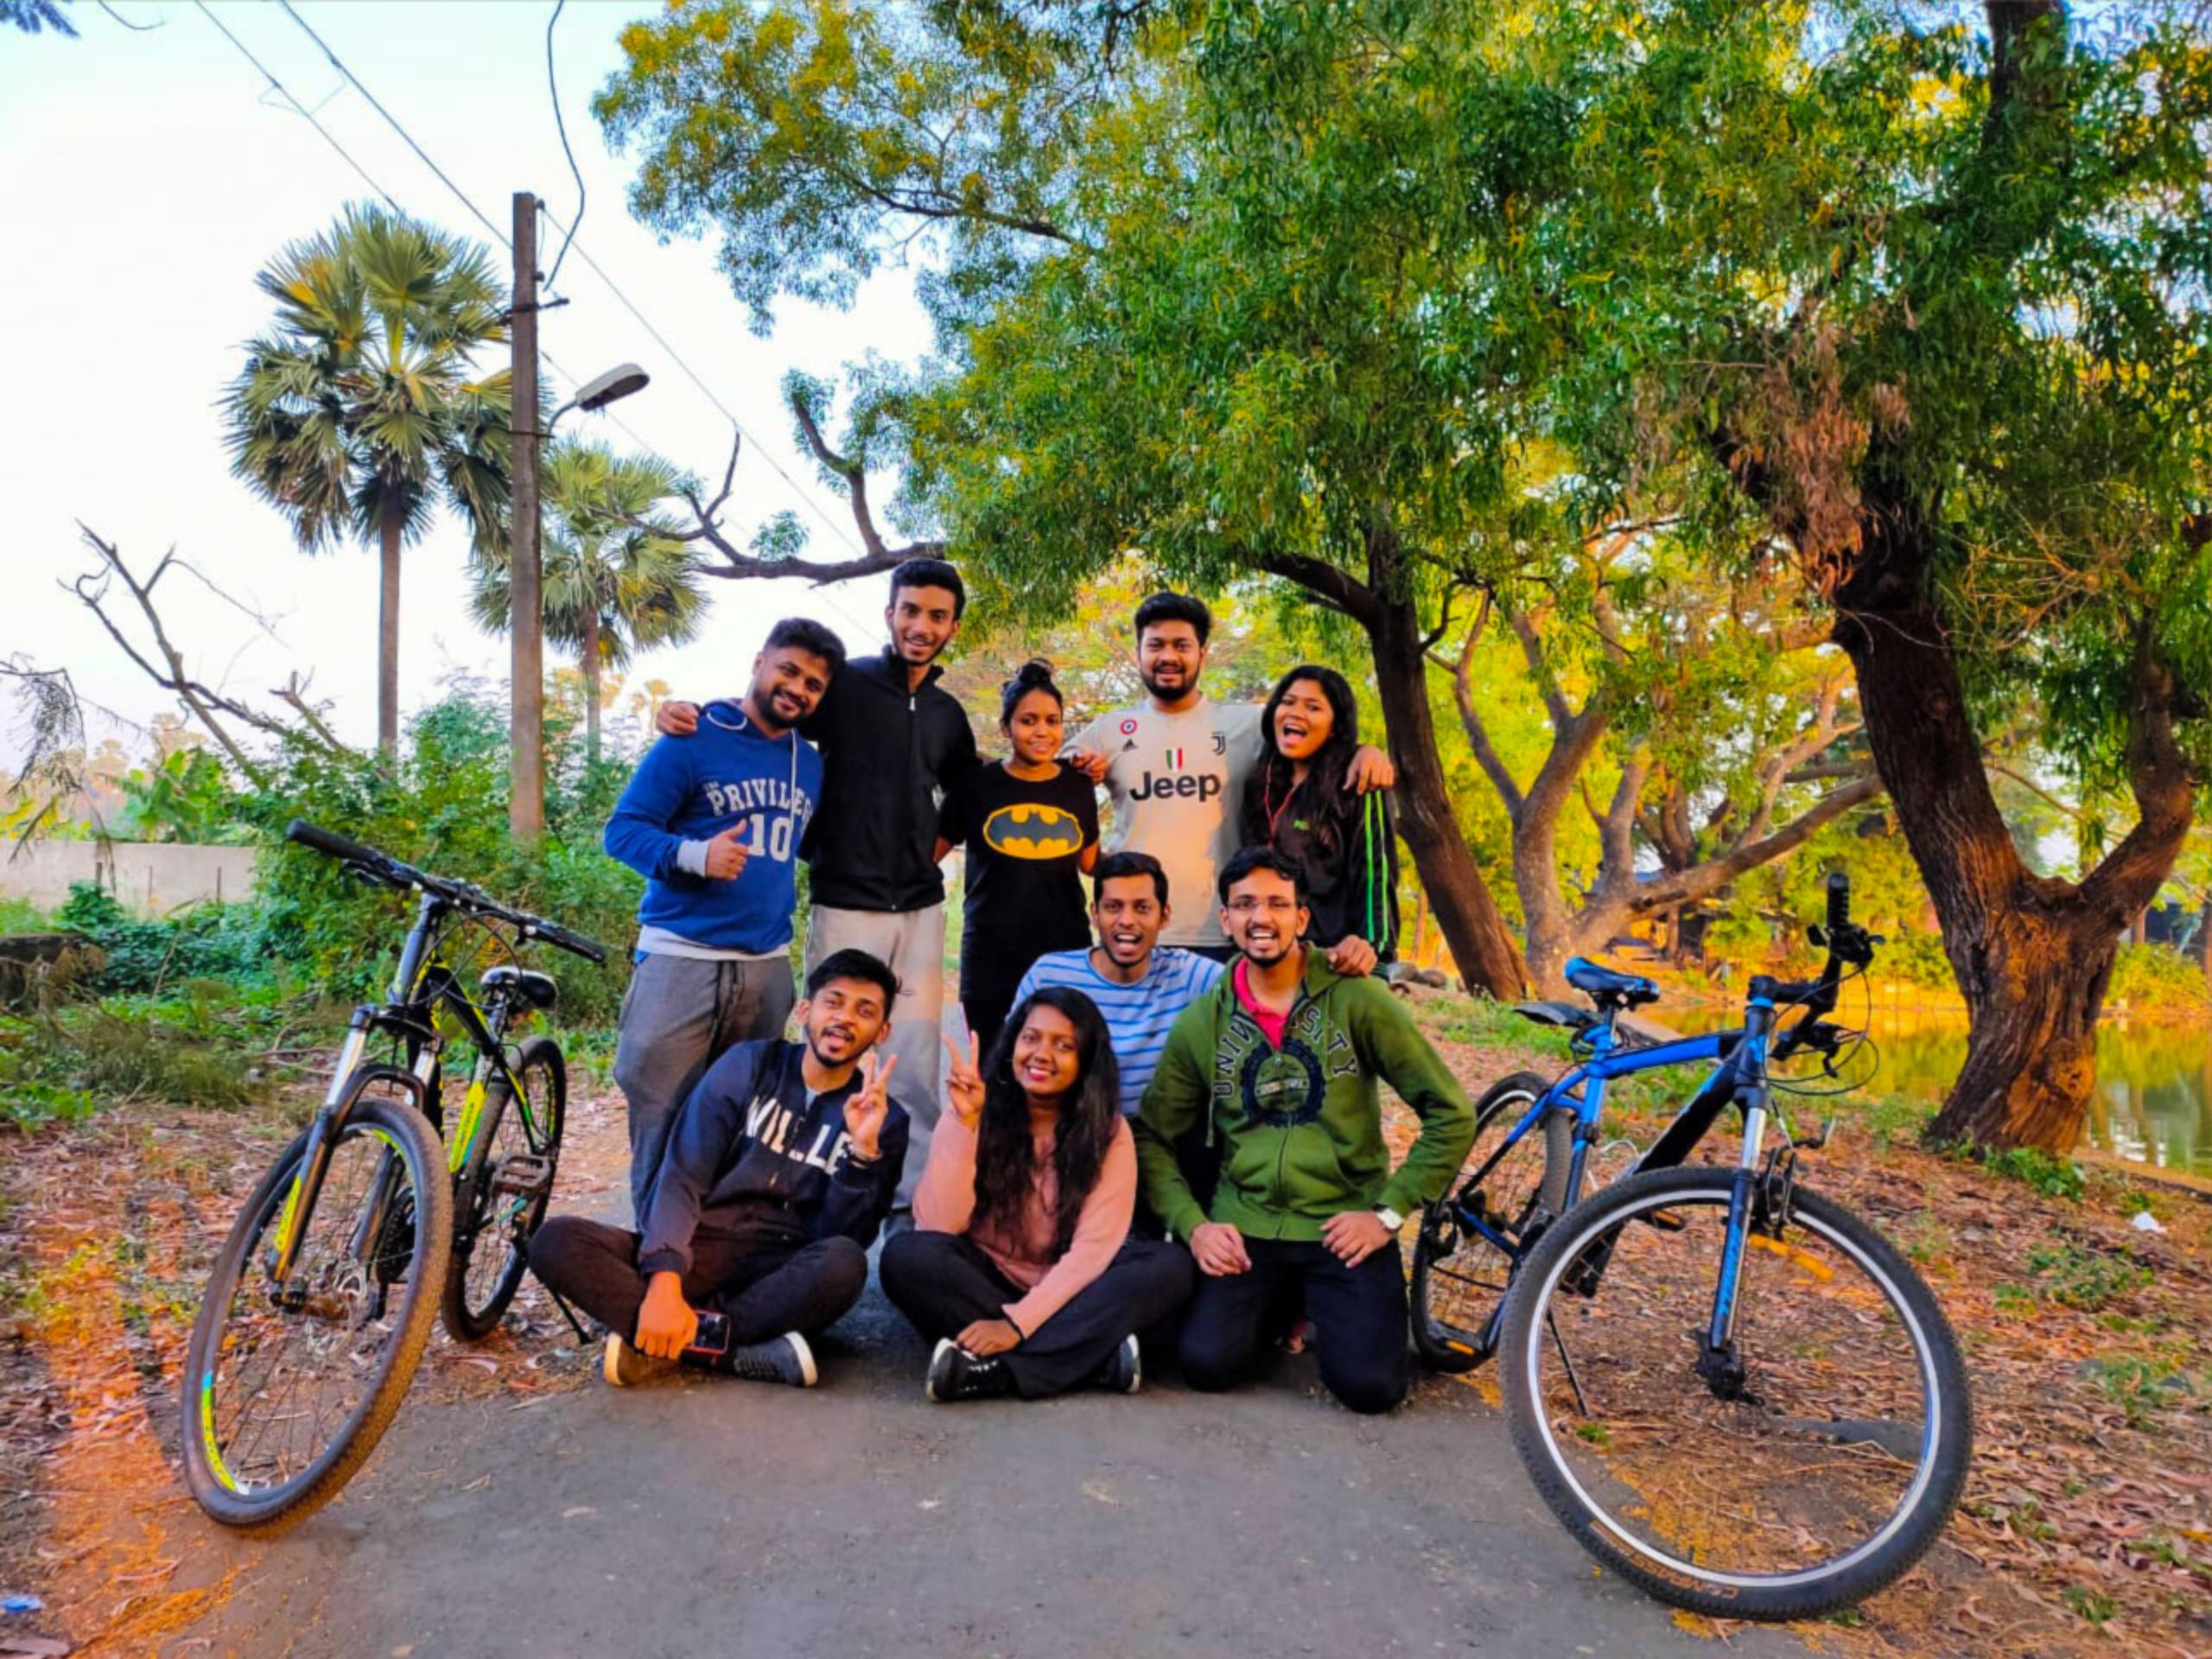 Smiles away, group tours, Eco friendly tours in India